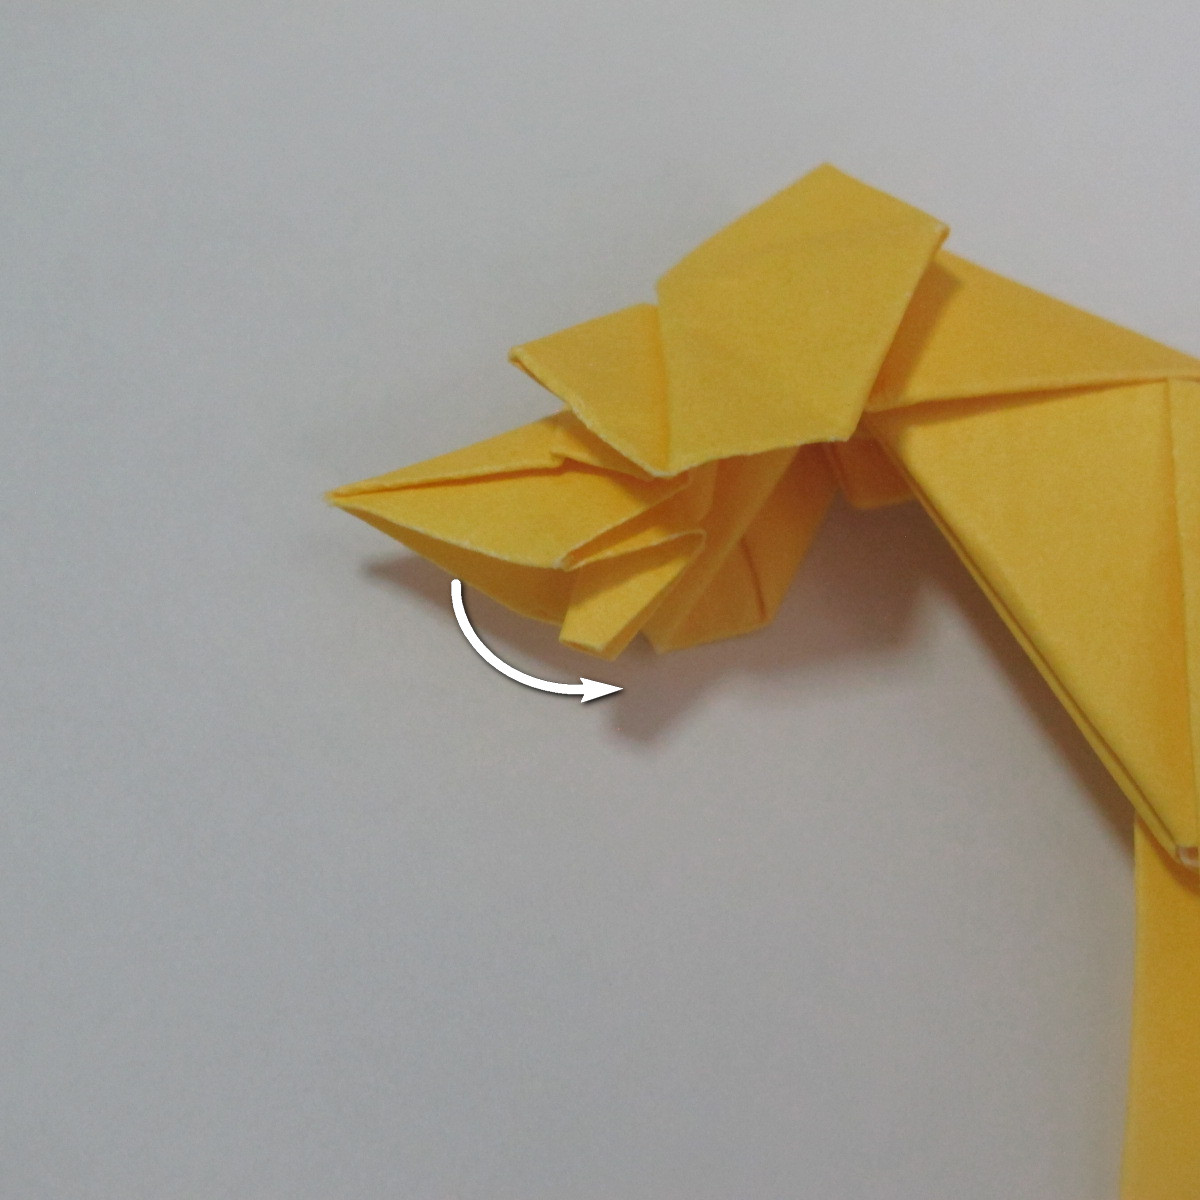 สอนวิธีพับกระดาษเป็นรูปลูกสุนัขยืนสองขา แบบของพอล ฟราสโก้ (Down Boy Dog Origami) 102